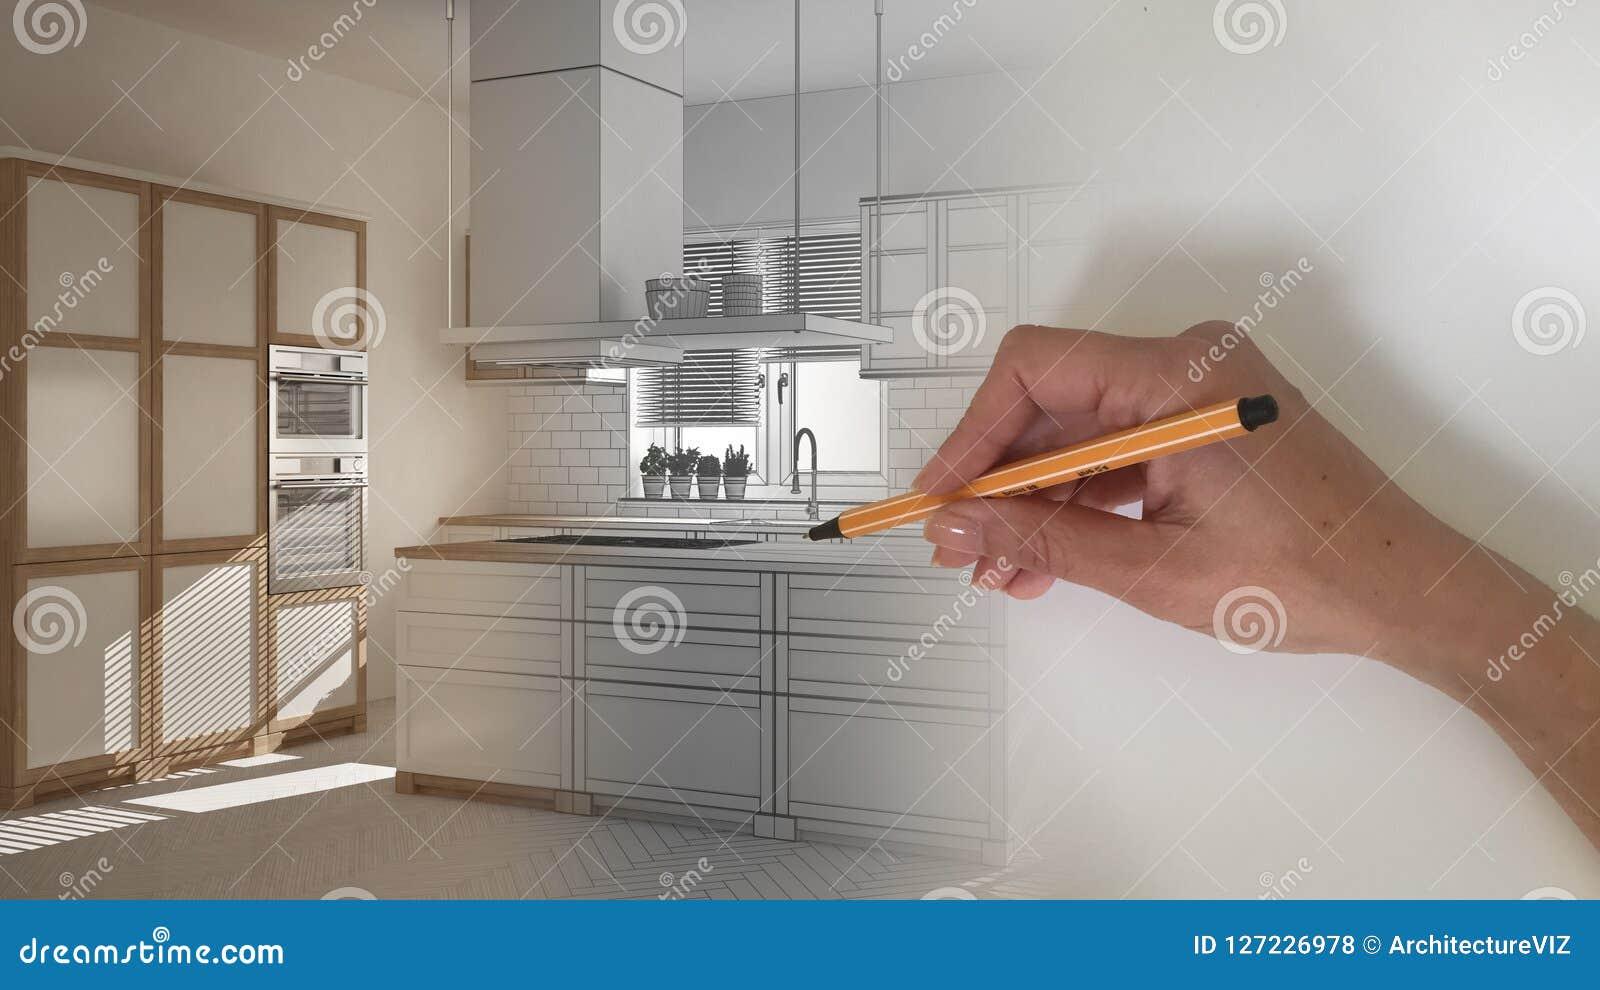 Concept van de architecten het binnenlandse ontwerper: hand die een ontwerp binnenlands project trekken terwijl de ruimte echte,